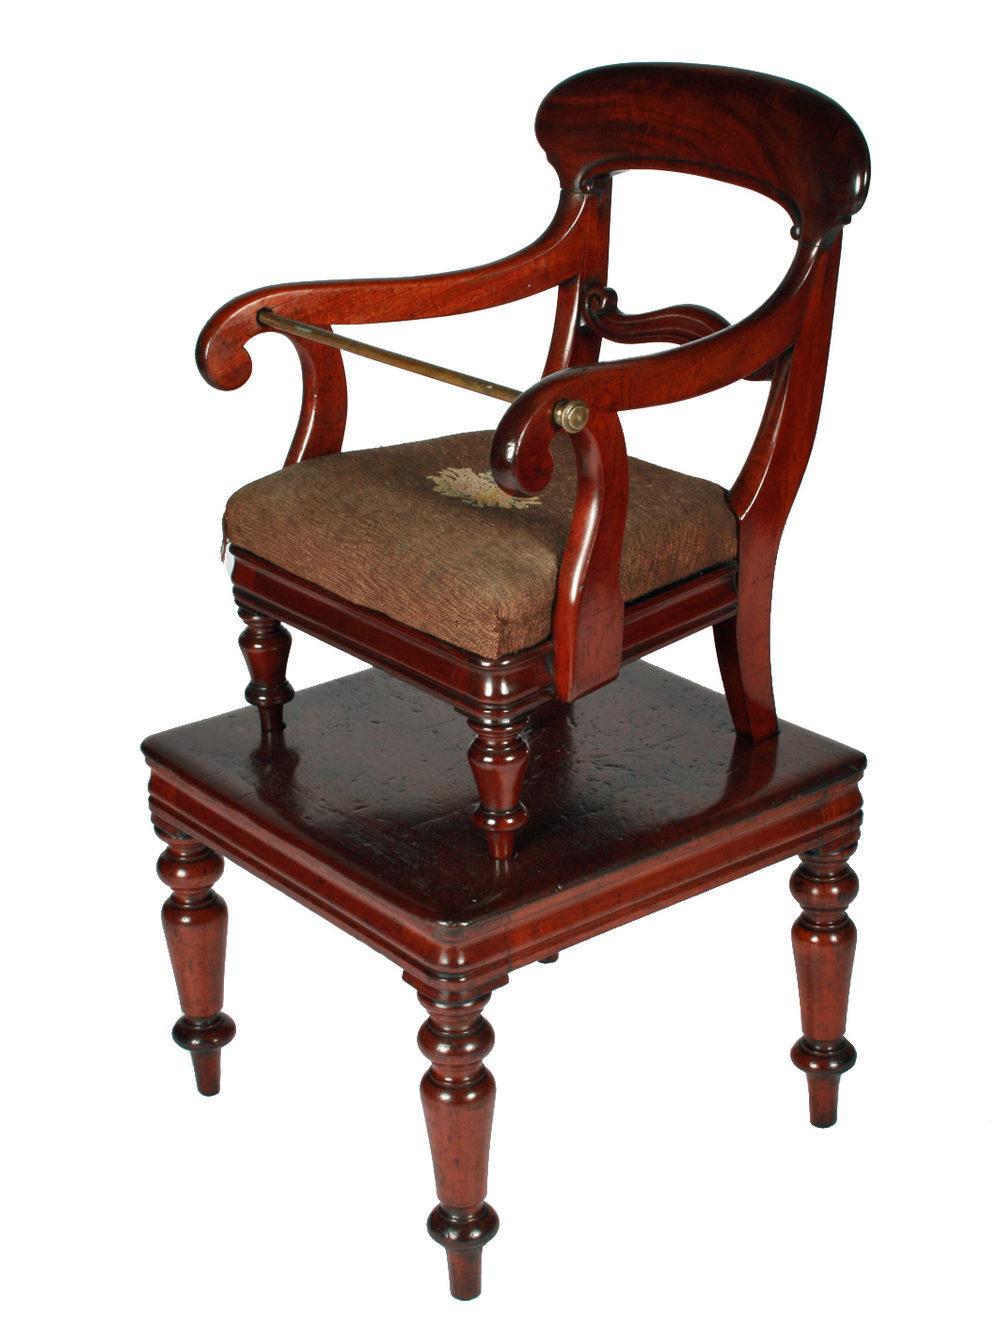 Graham Smith Antiques - Graham Smith Antiques: Victorian High Chair